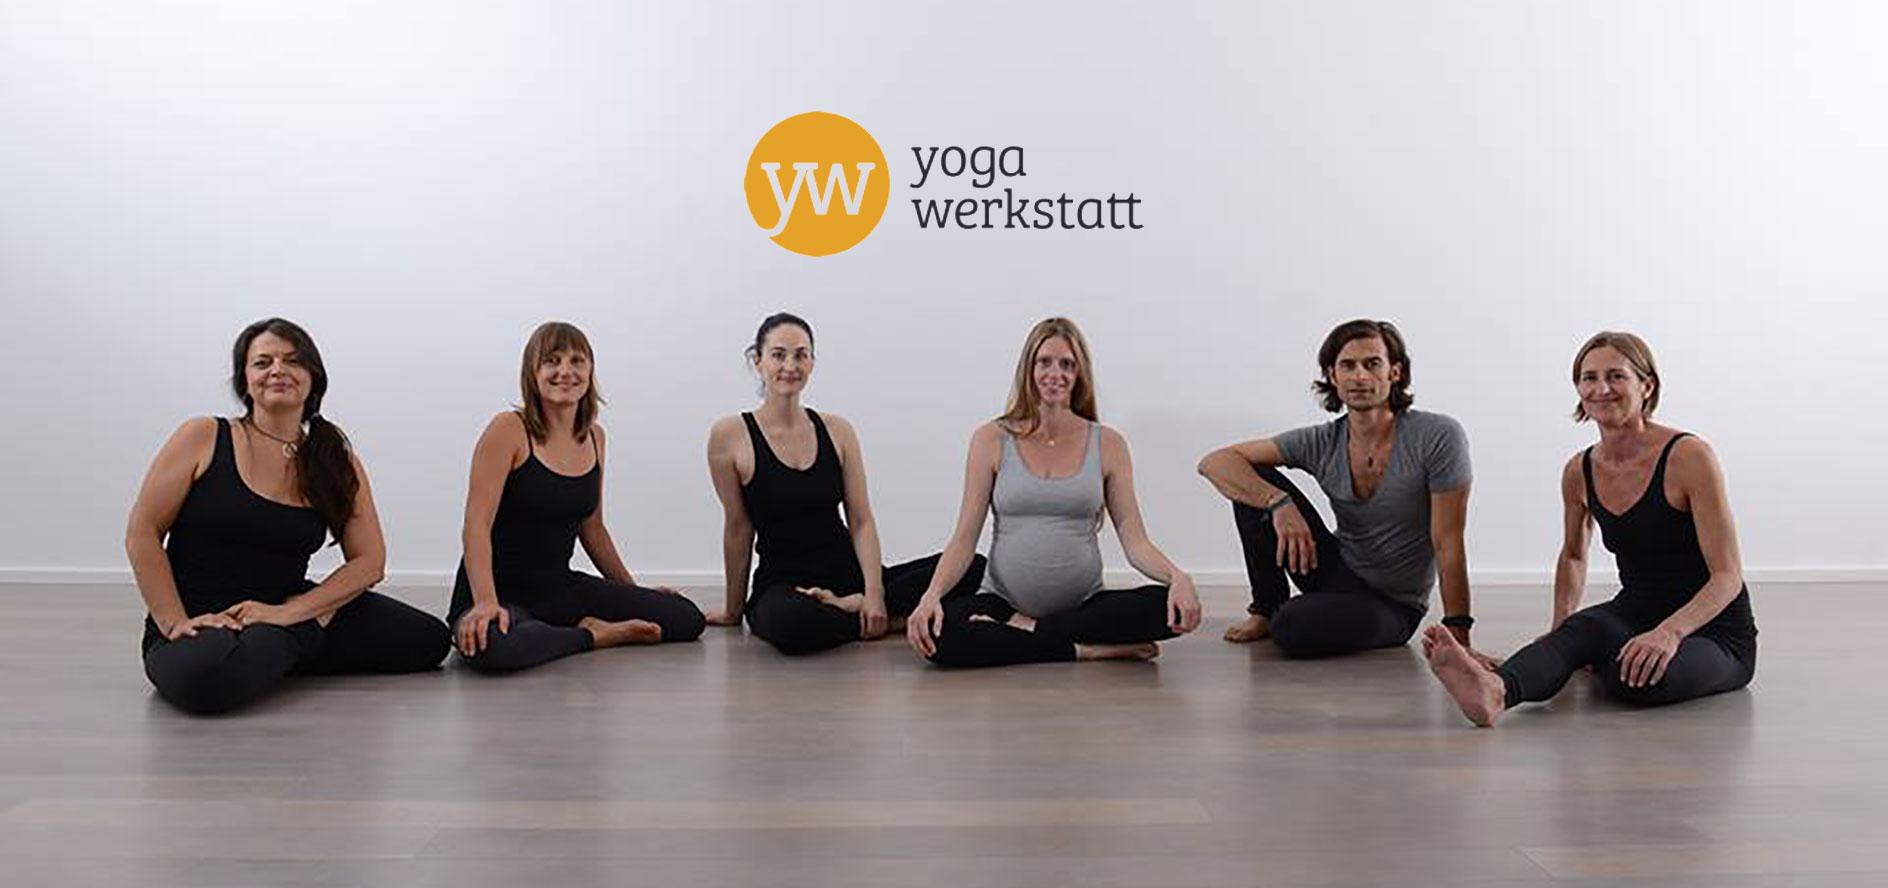 Ashtanga Yogawerkstatt Wien